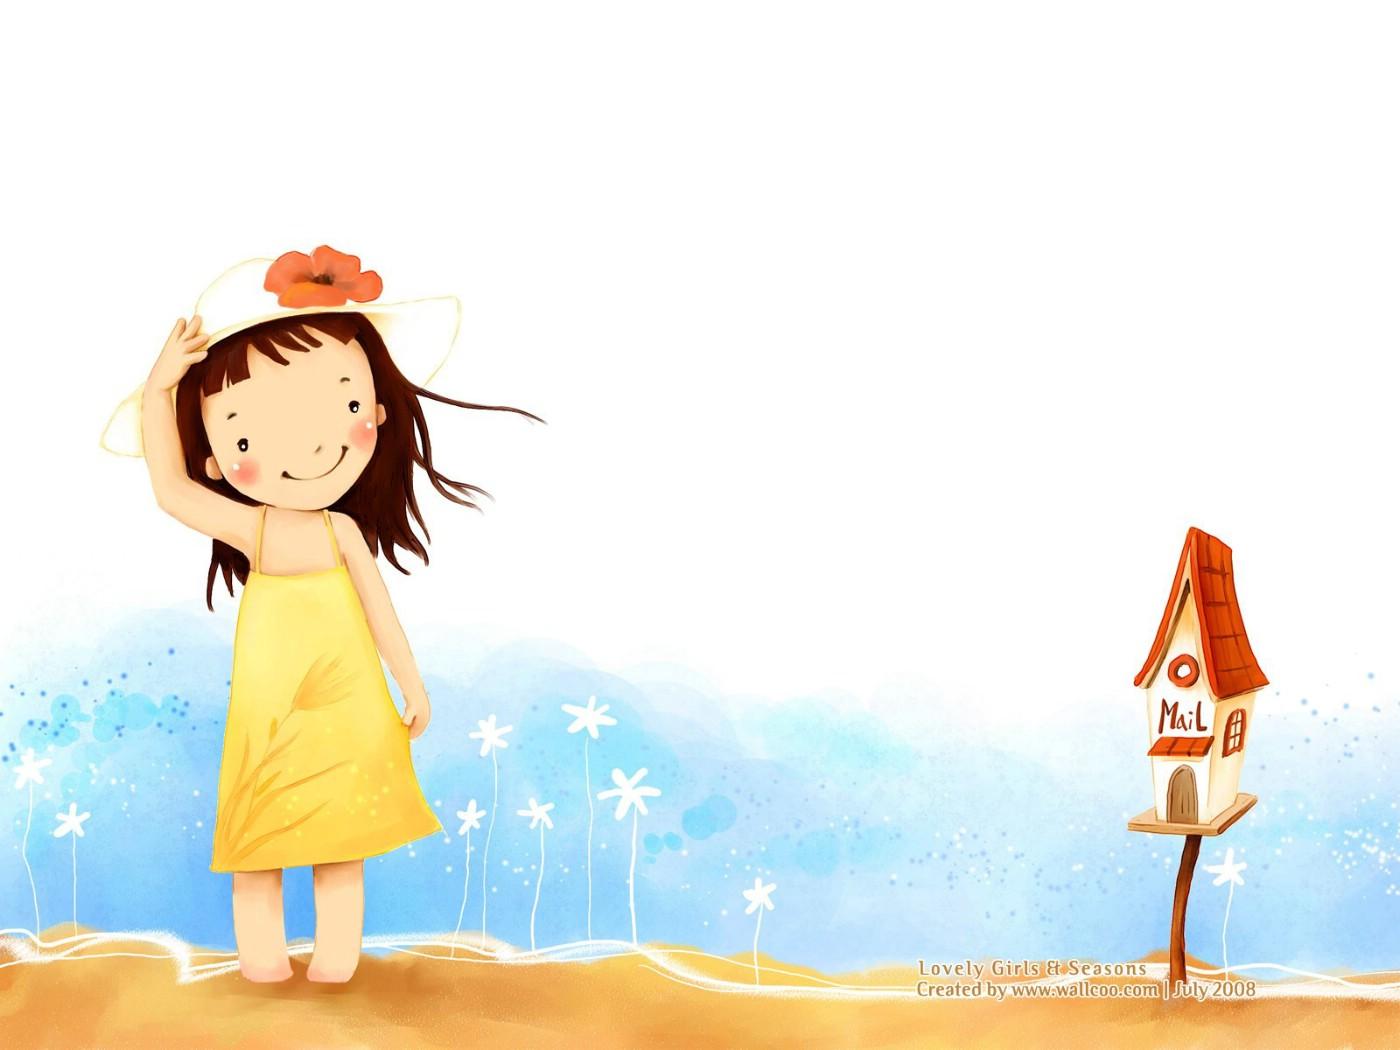 韩国儿童插画-可爱小女孩